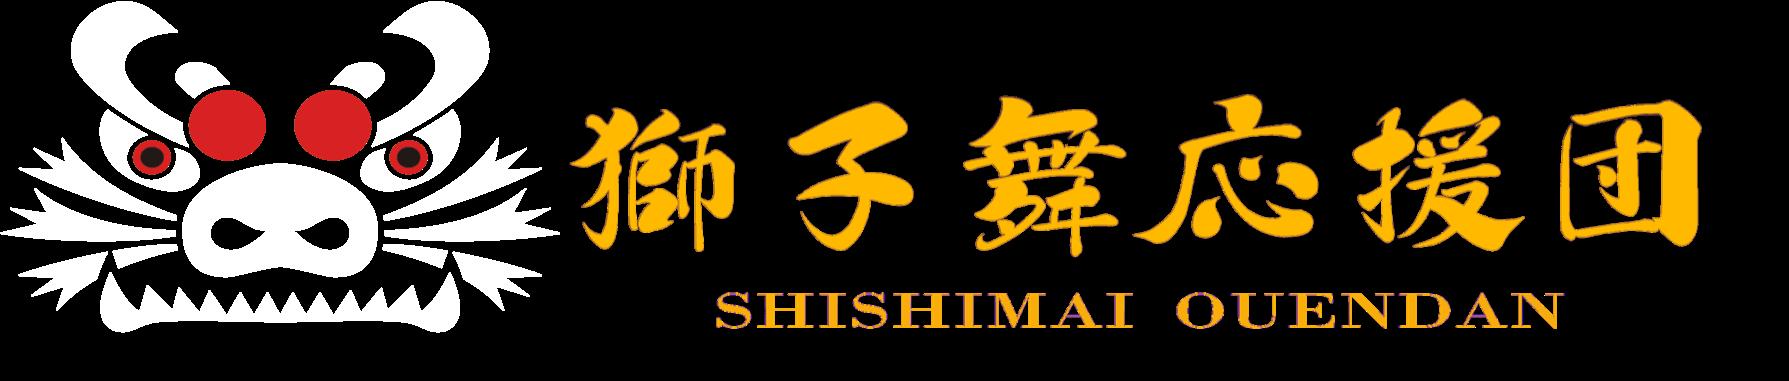 獅子舞応援団│香川県の獅子舞を広めたい!